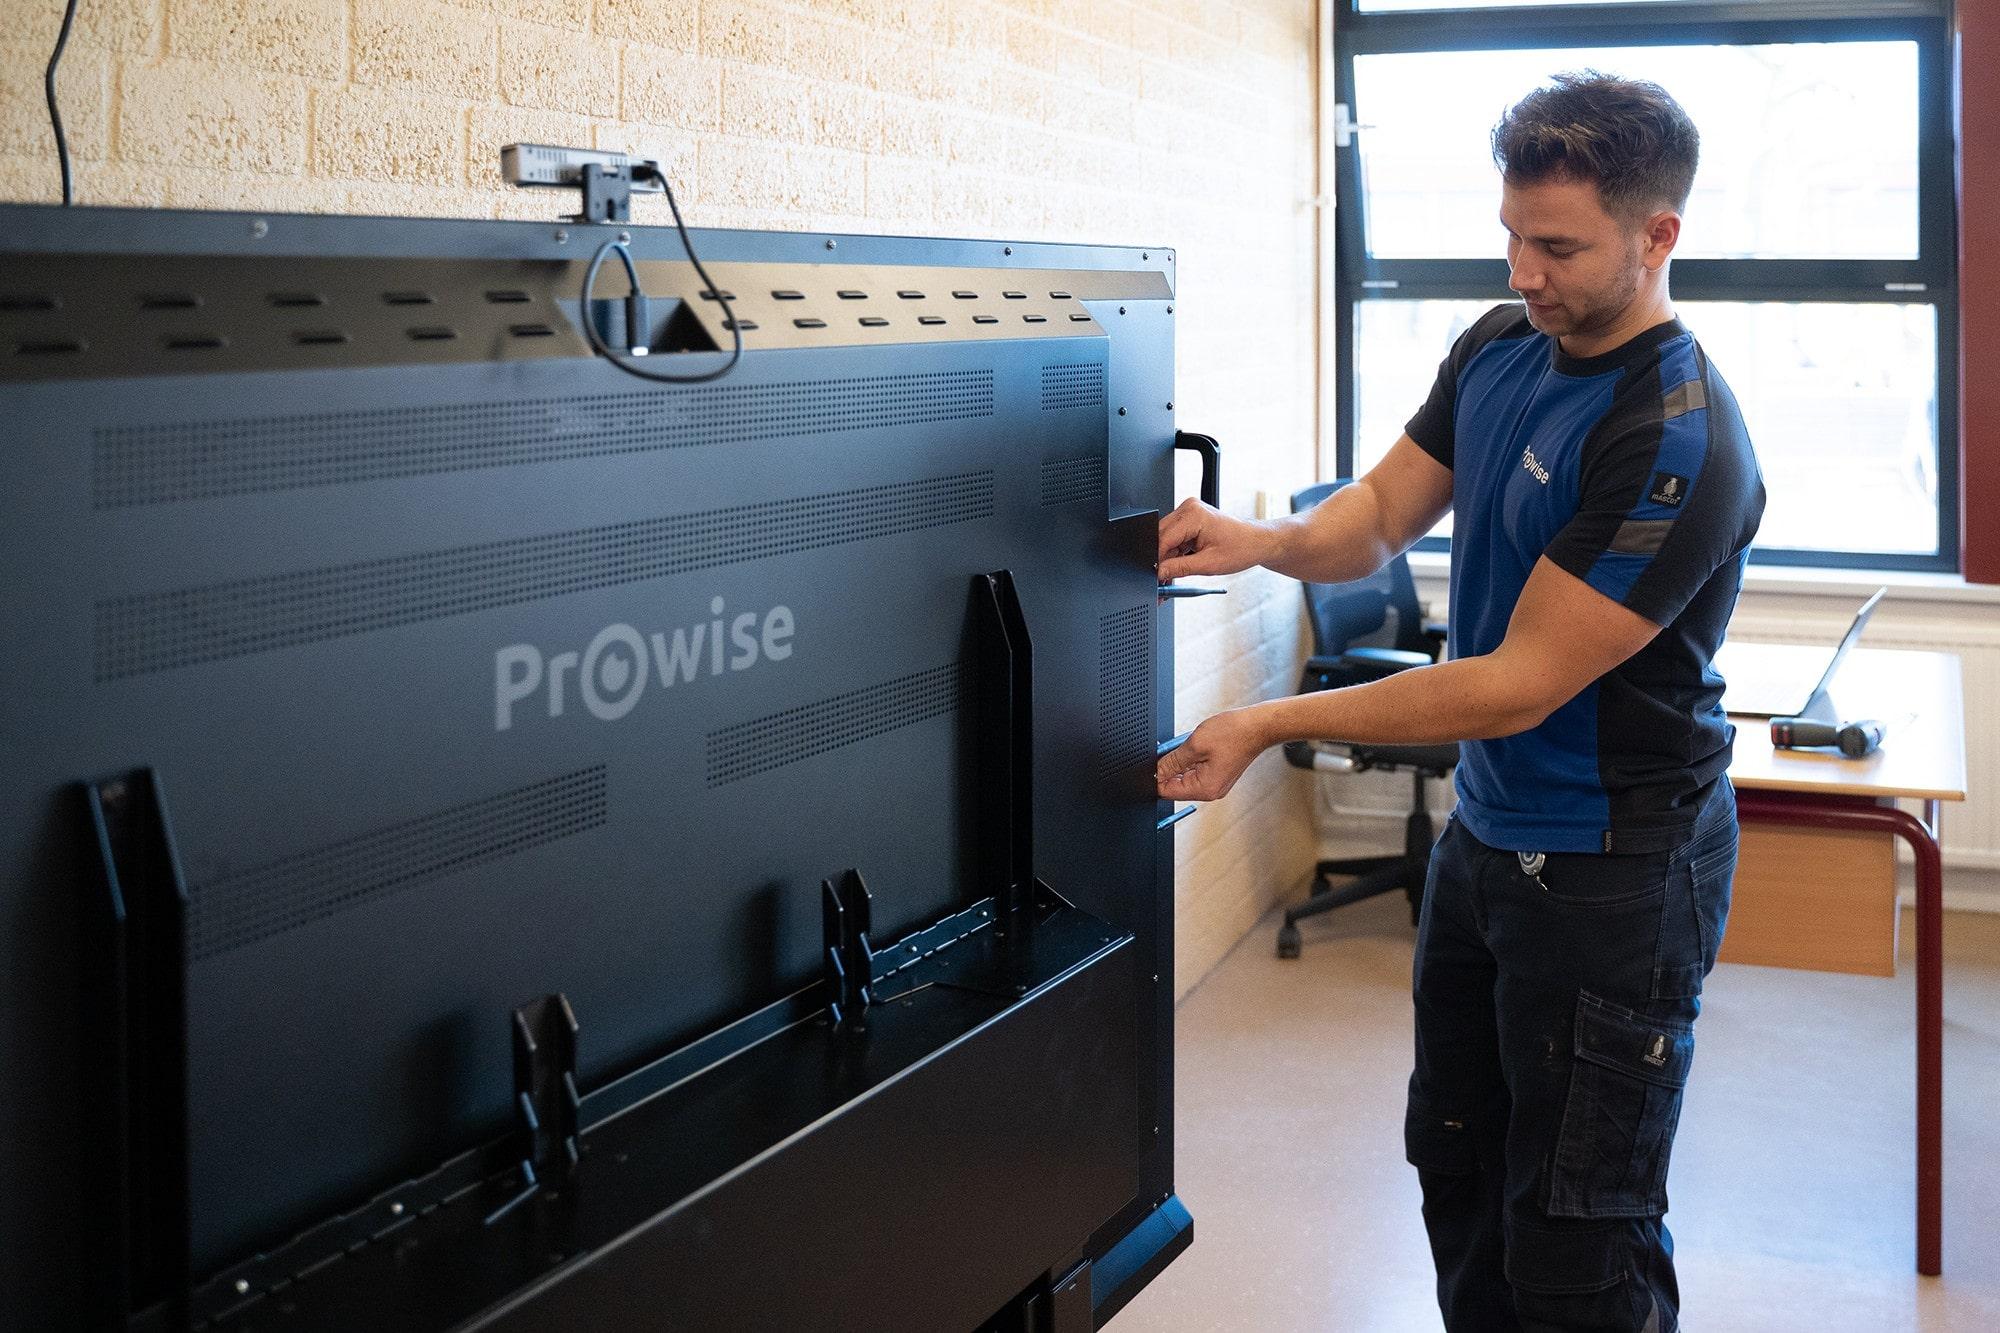 Deutsche-Politik-News.de | Prowise-Techniker installiert interaktive Tafel in einem Klassenraum